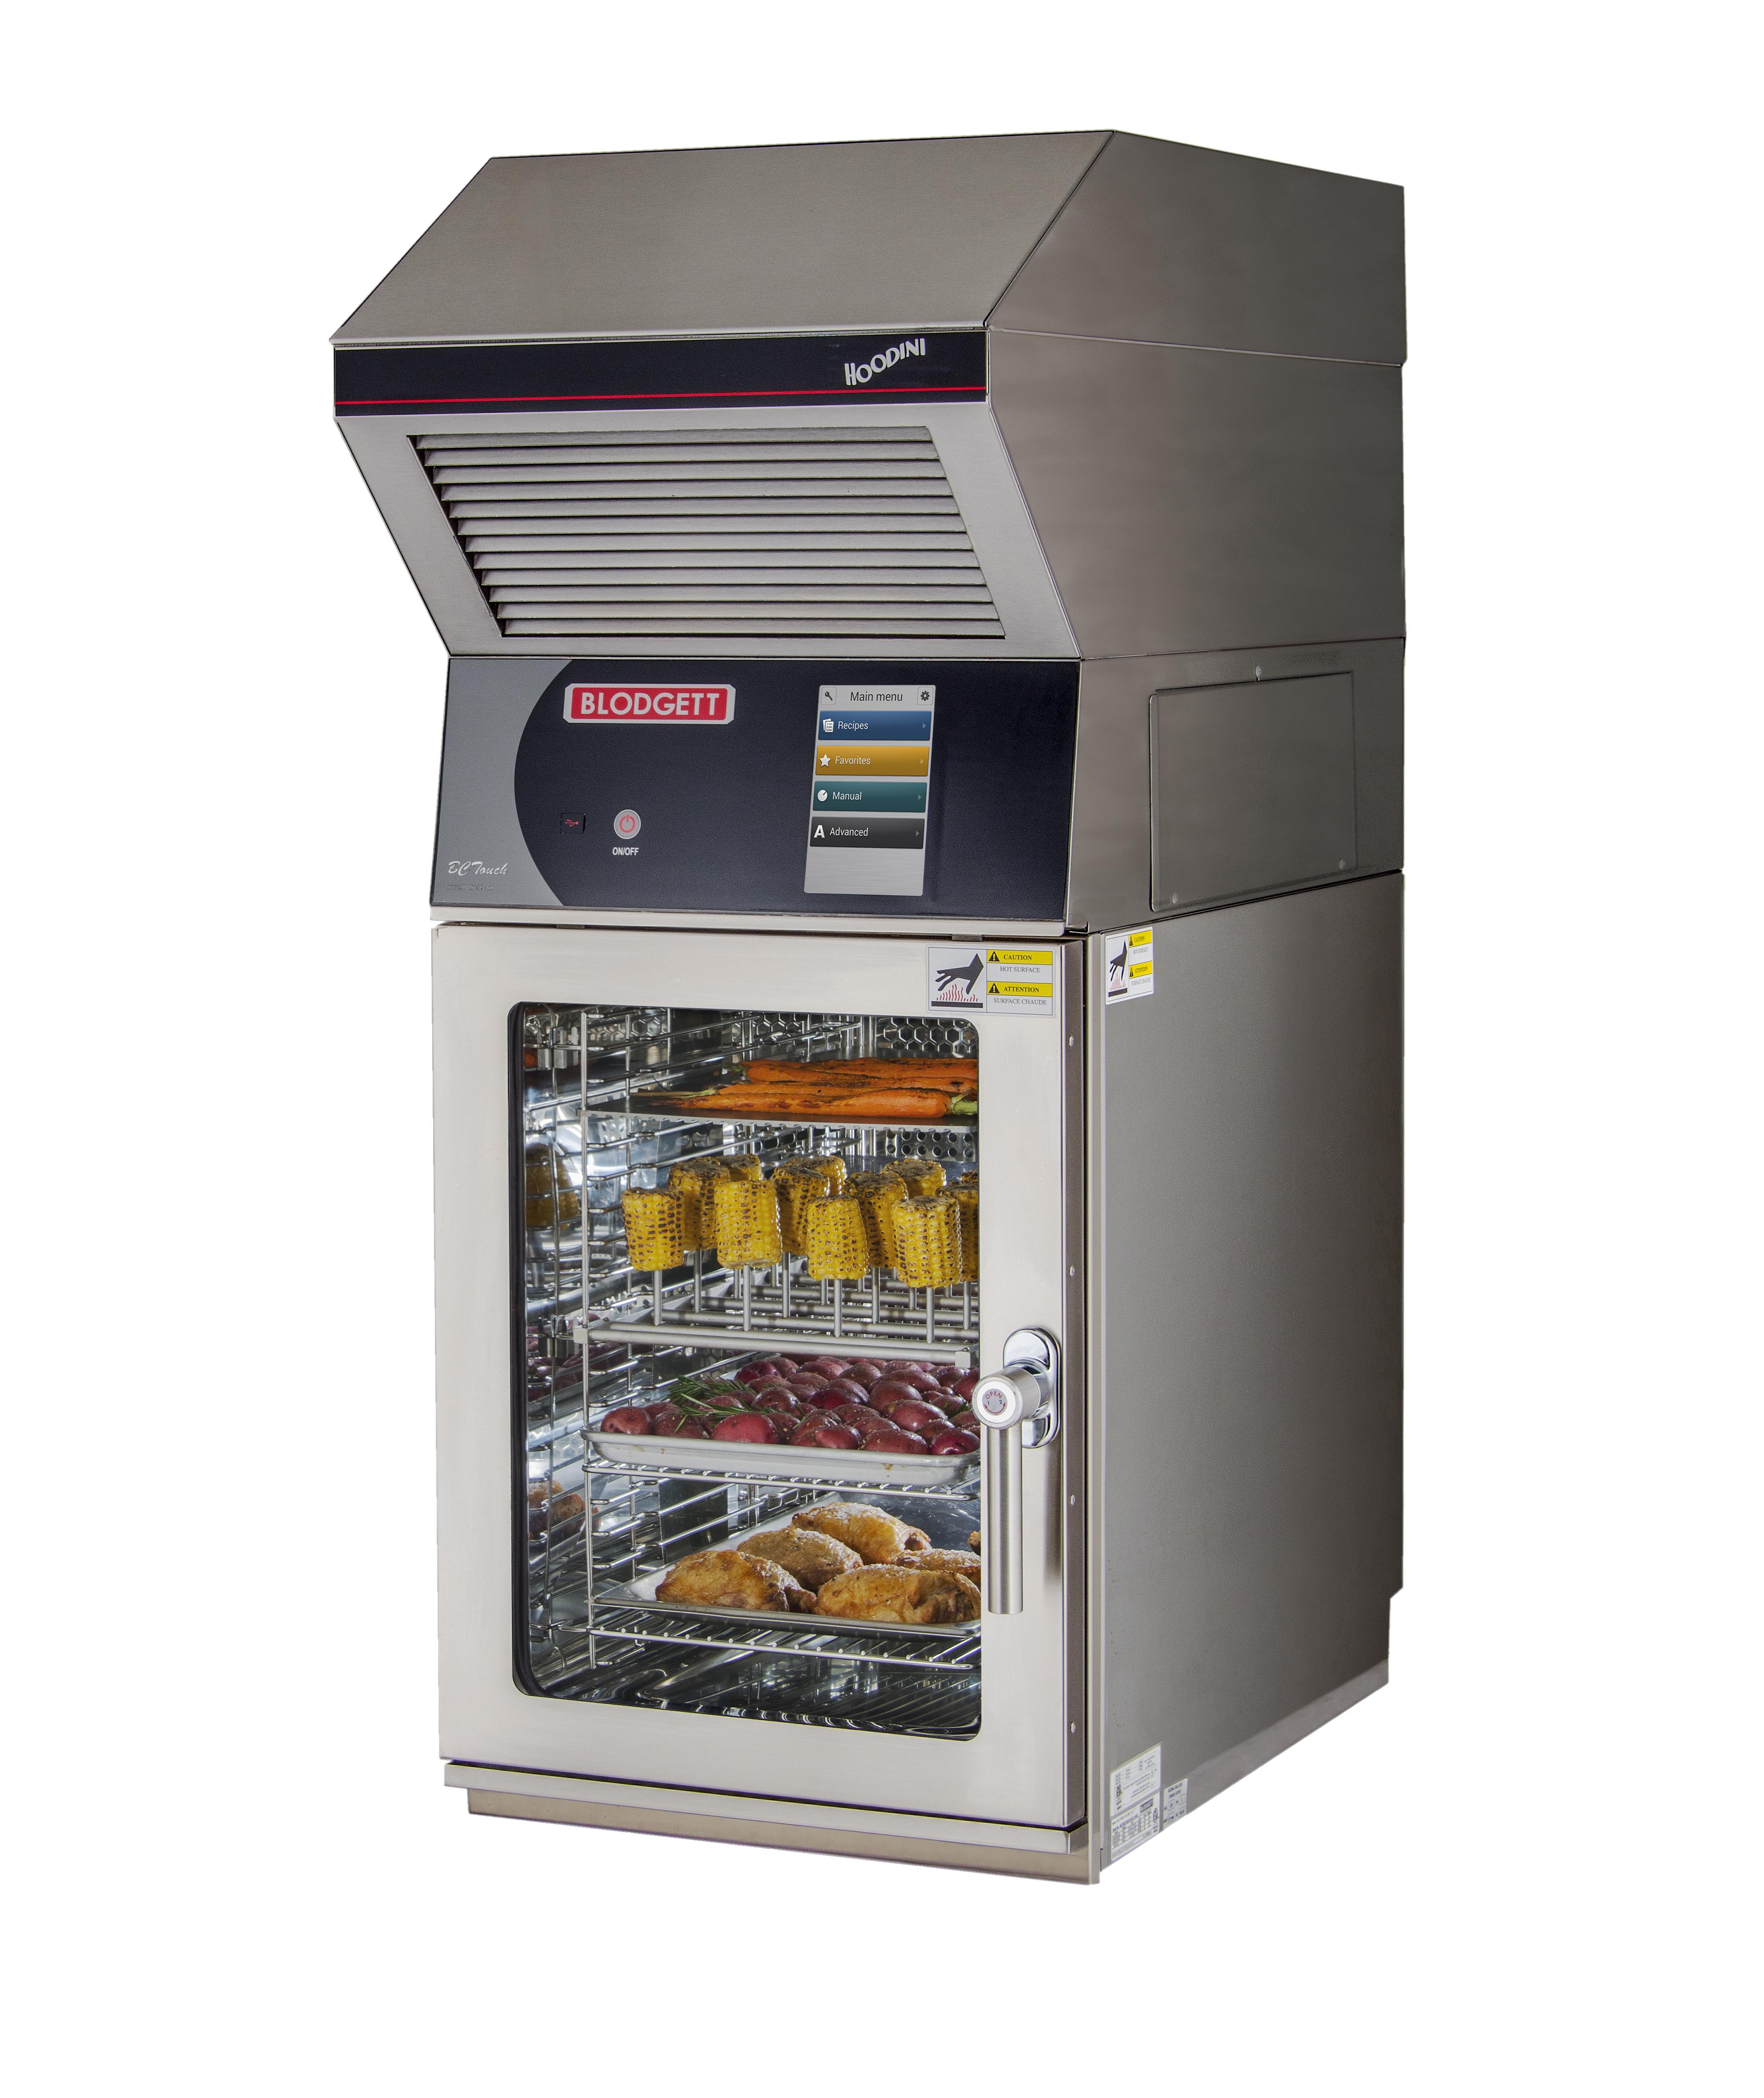 Blodgett BLCT-10E-H combi oven